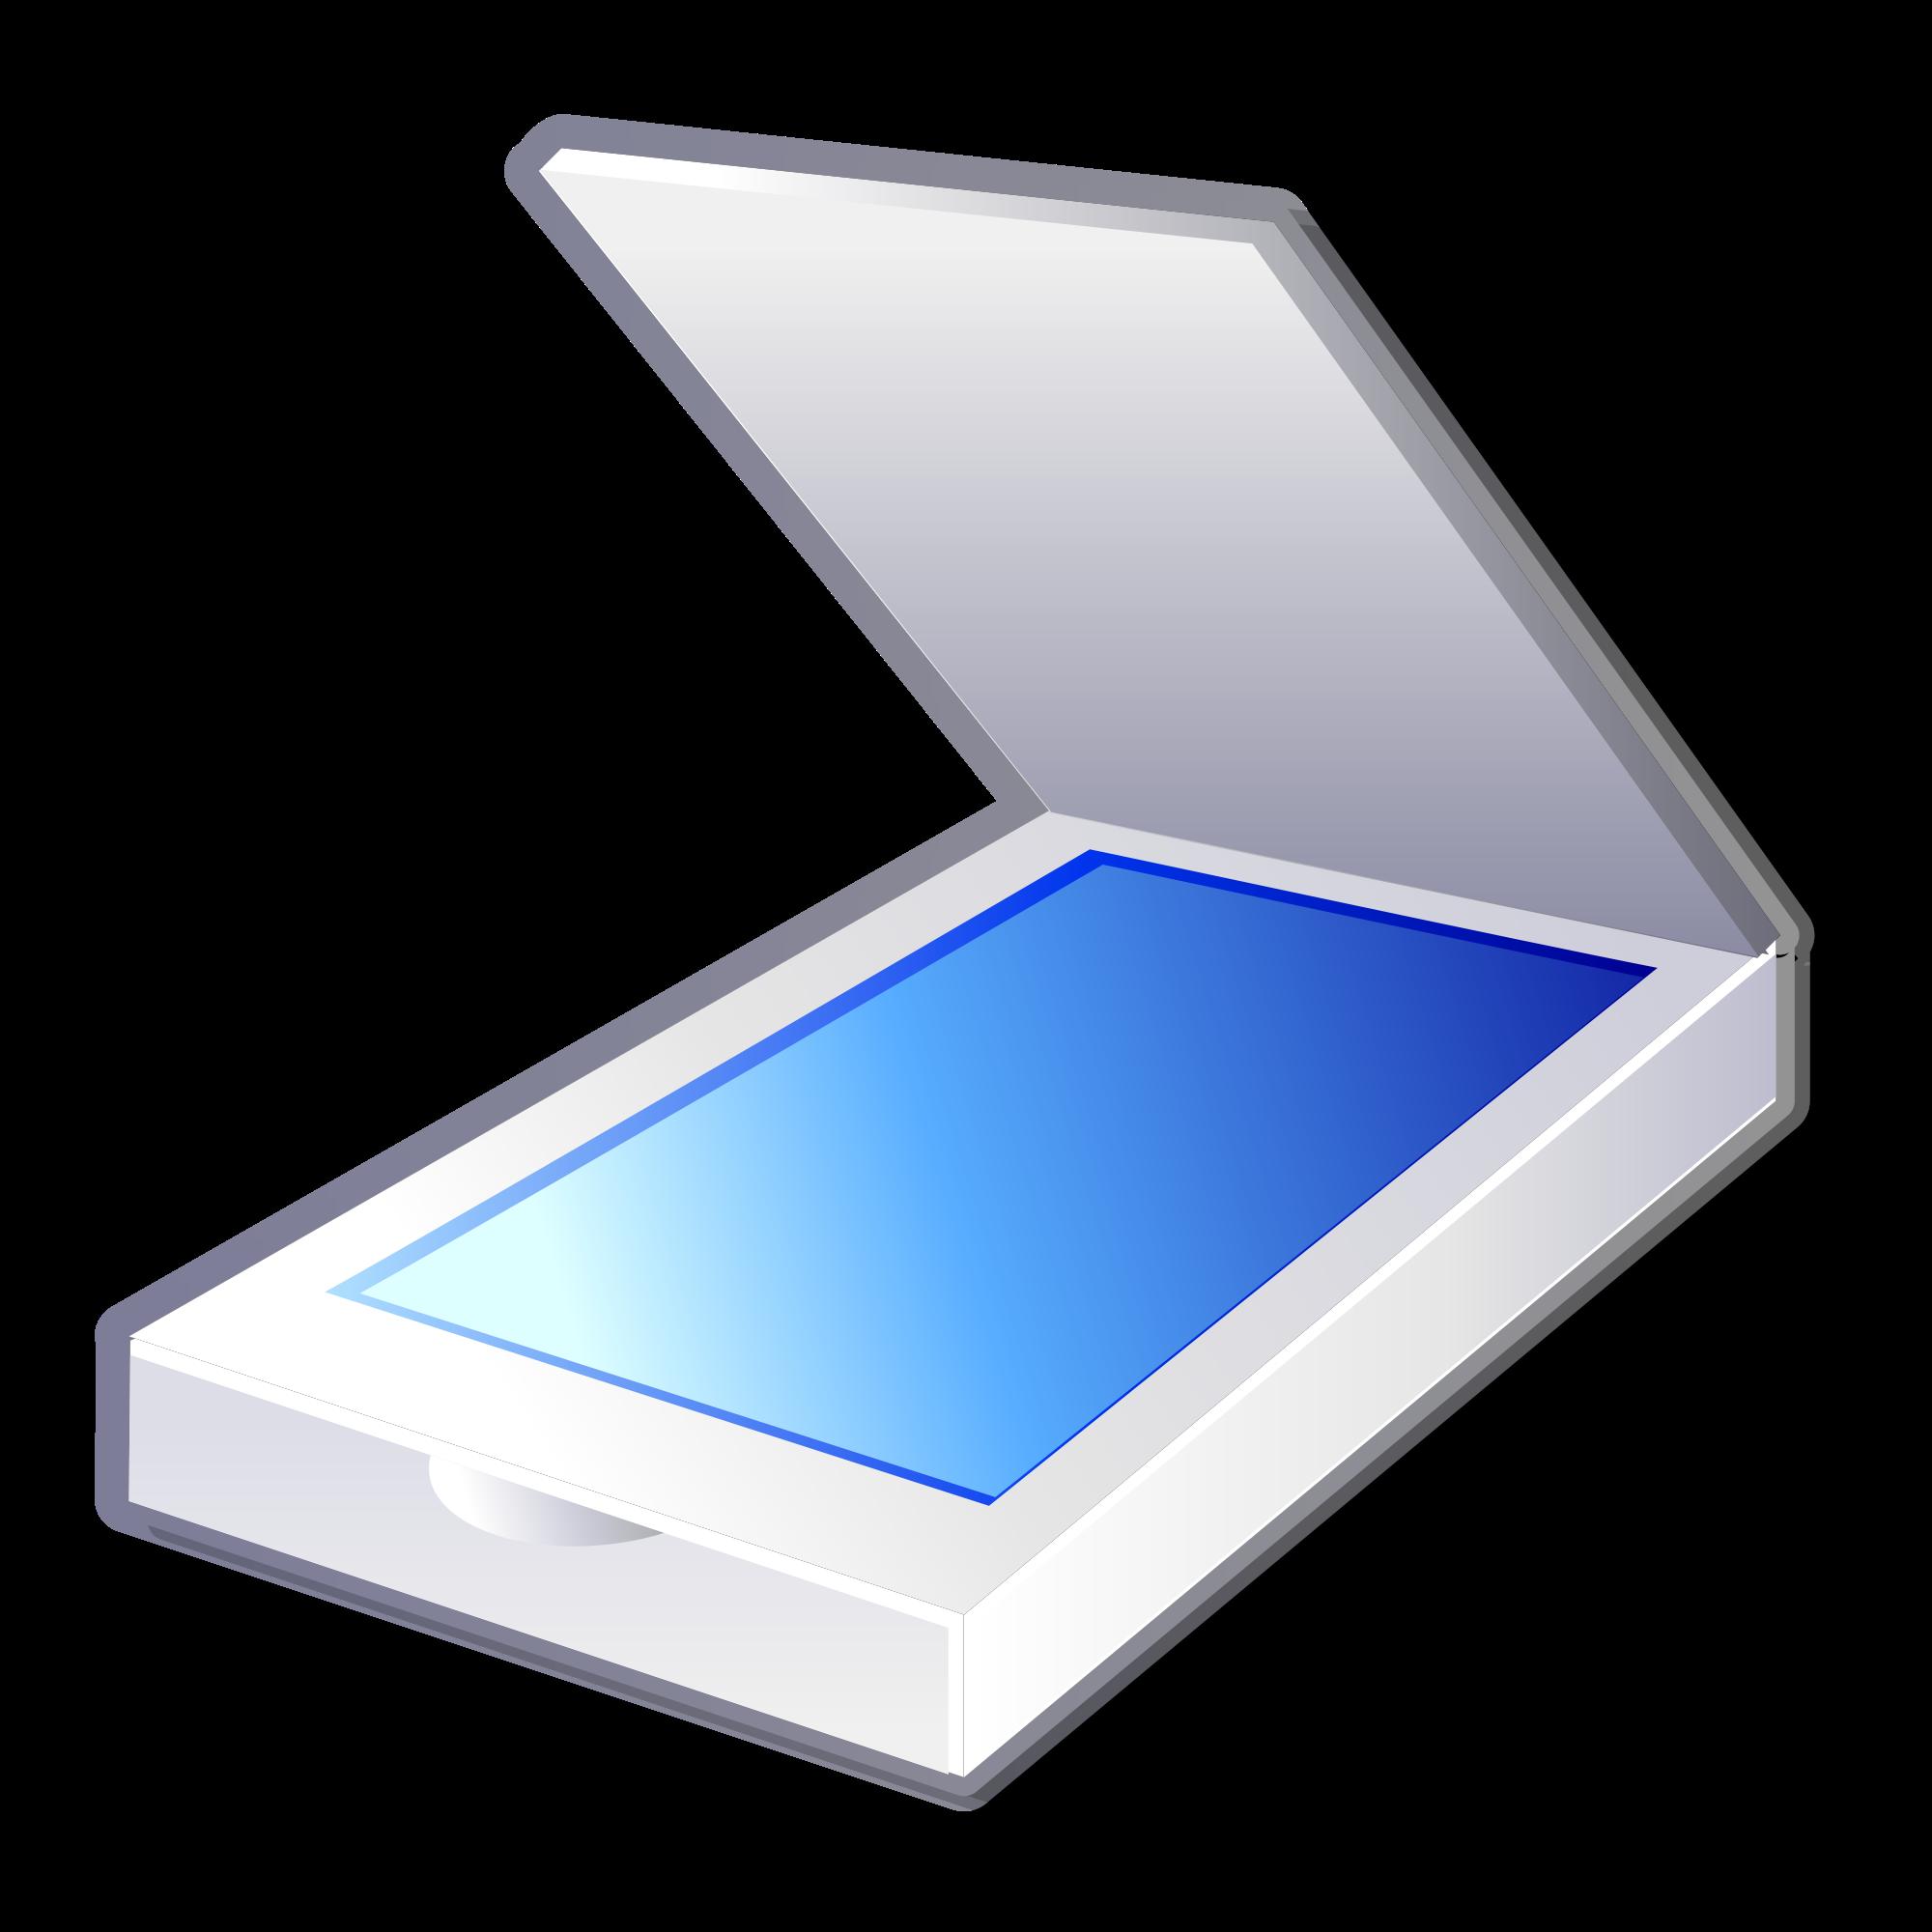 2000x2000 Filegnome Dev Scanner.svg